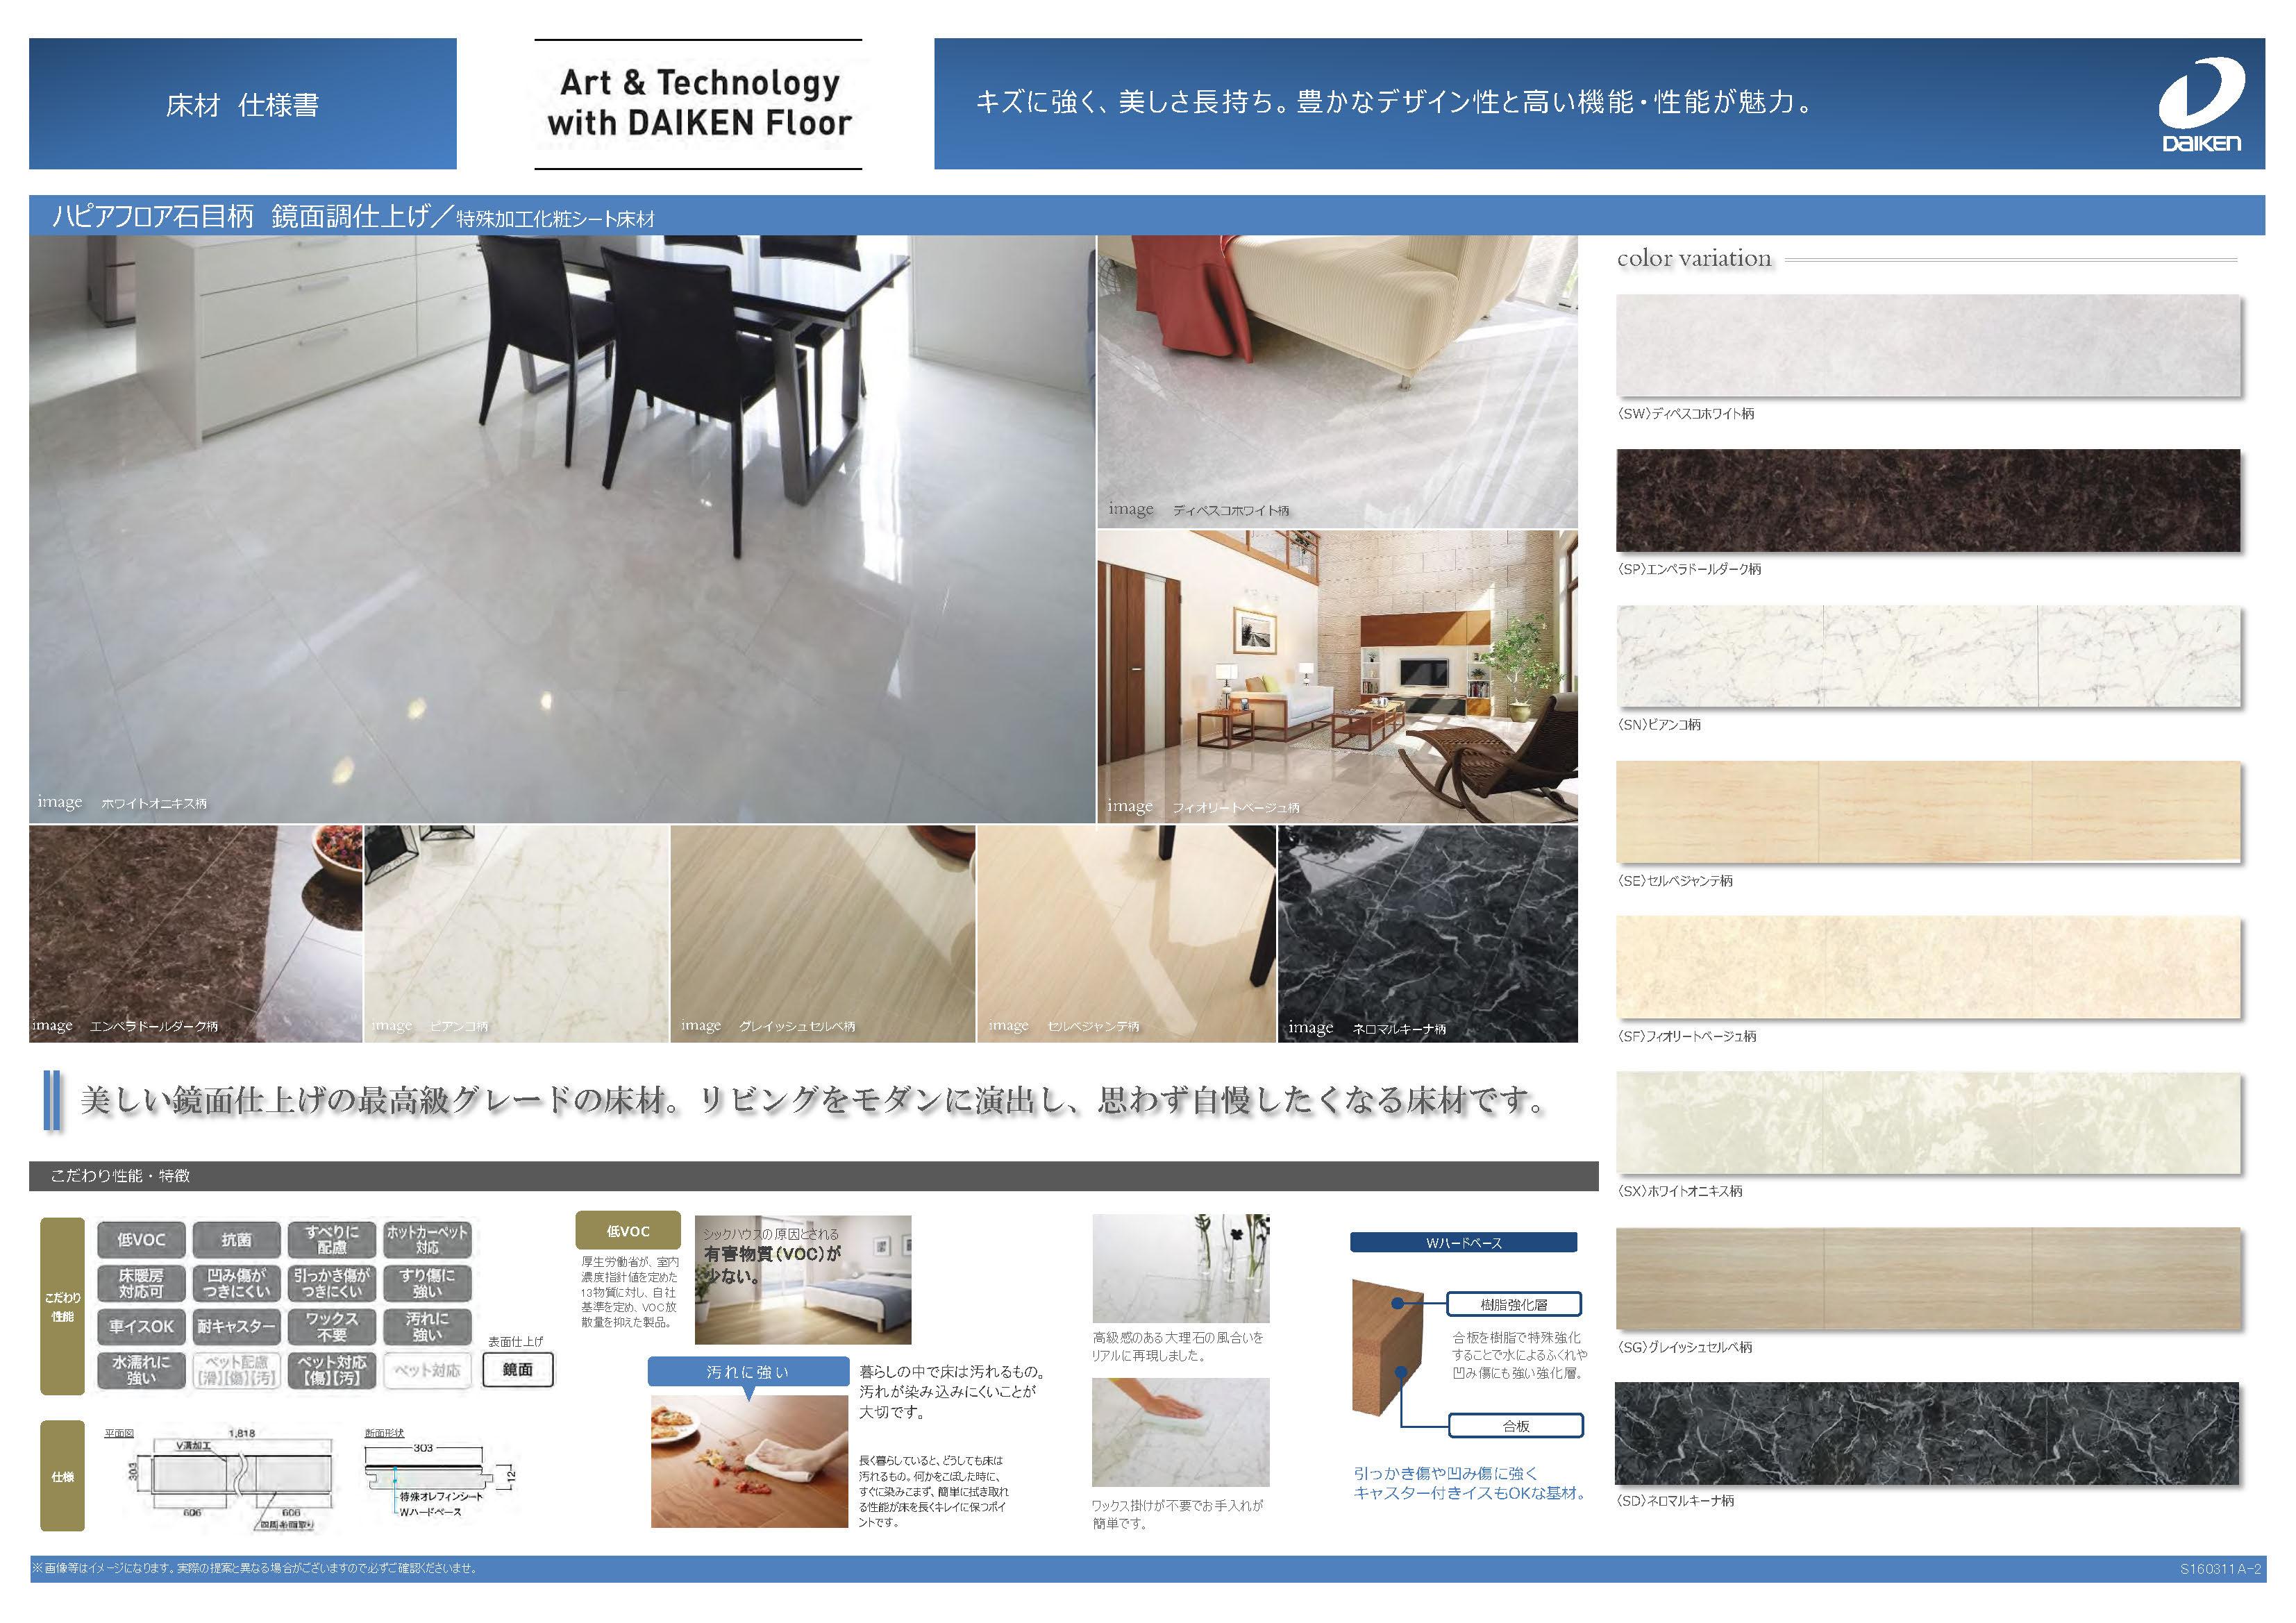 床材 仕様書。キズに強く、美しさ長持ち。豊かなデザイン性と高い機能・性能が魅力。